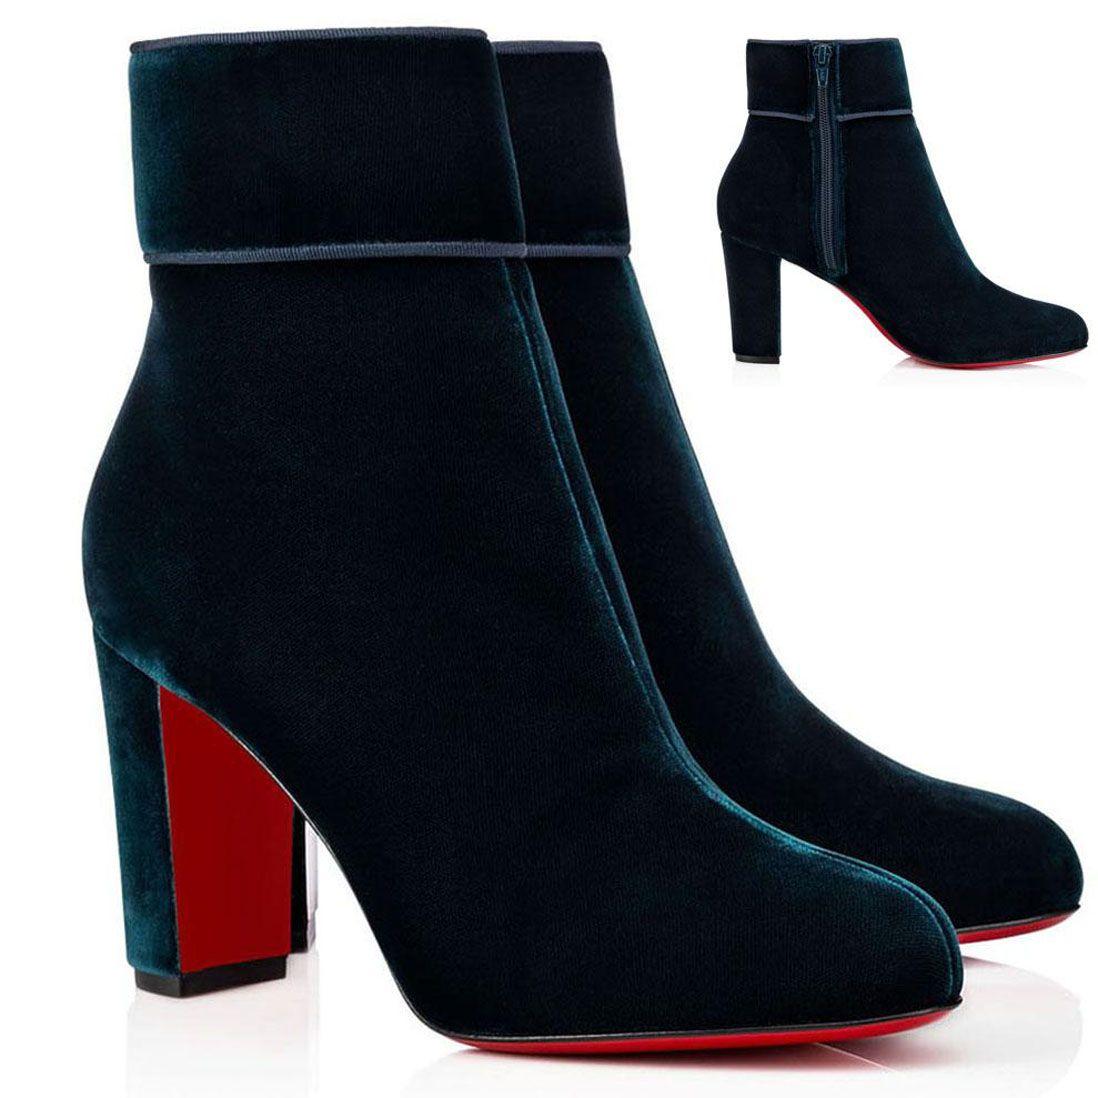 Top Designers Heels Chunky Feminino Bottom Bottom Botas de tornozelo espólio Preto Camurça de couro vermelho sola botas de couro genuíno com caixa